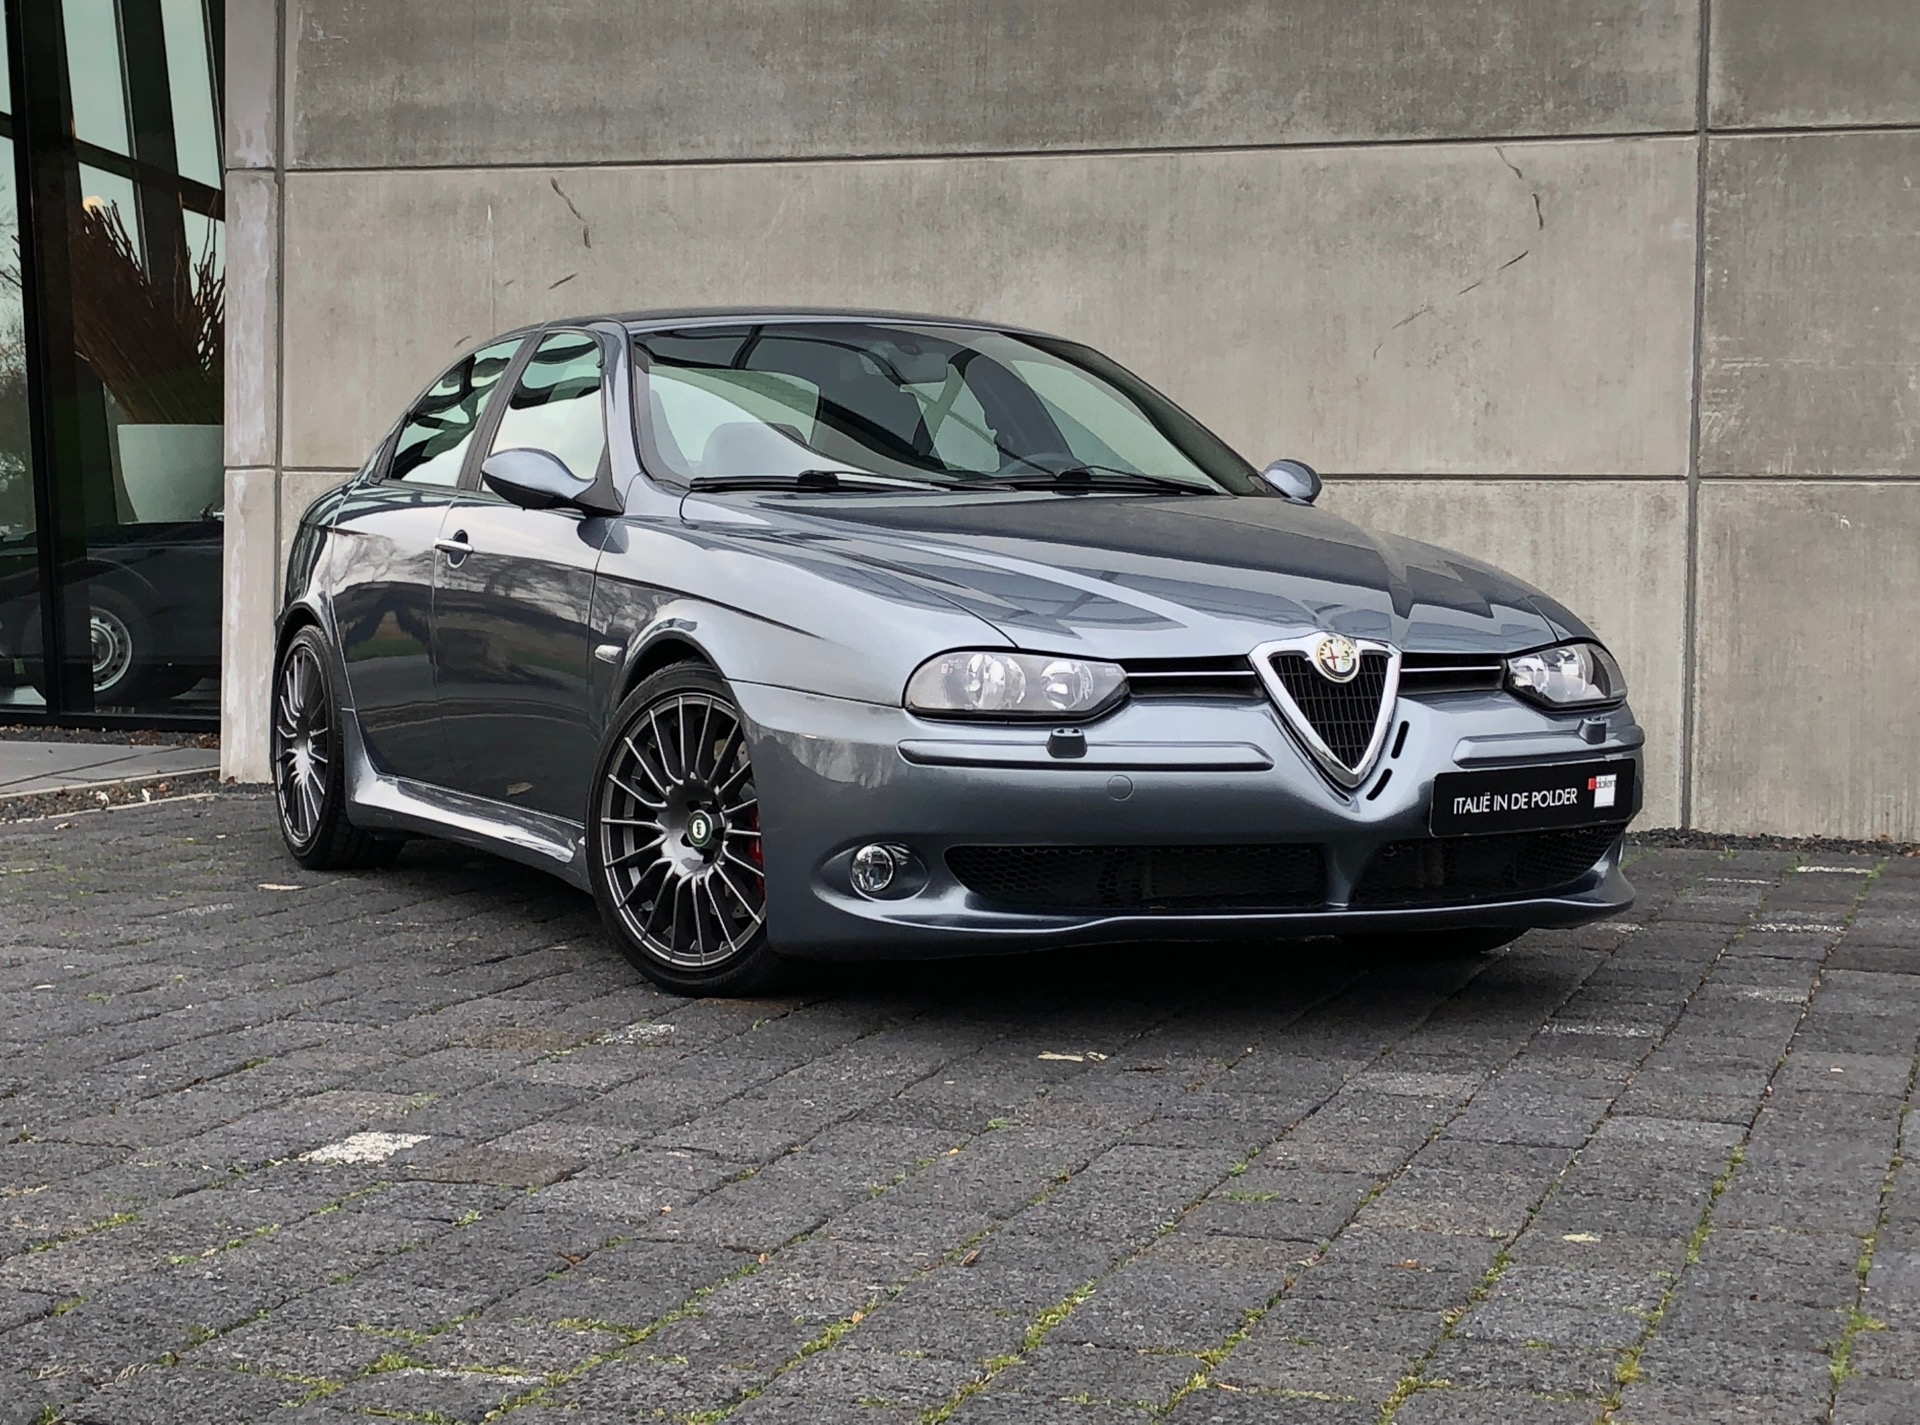 ALFA 156 3.2 V6 GTA